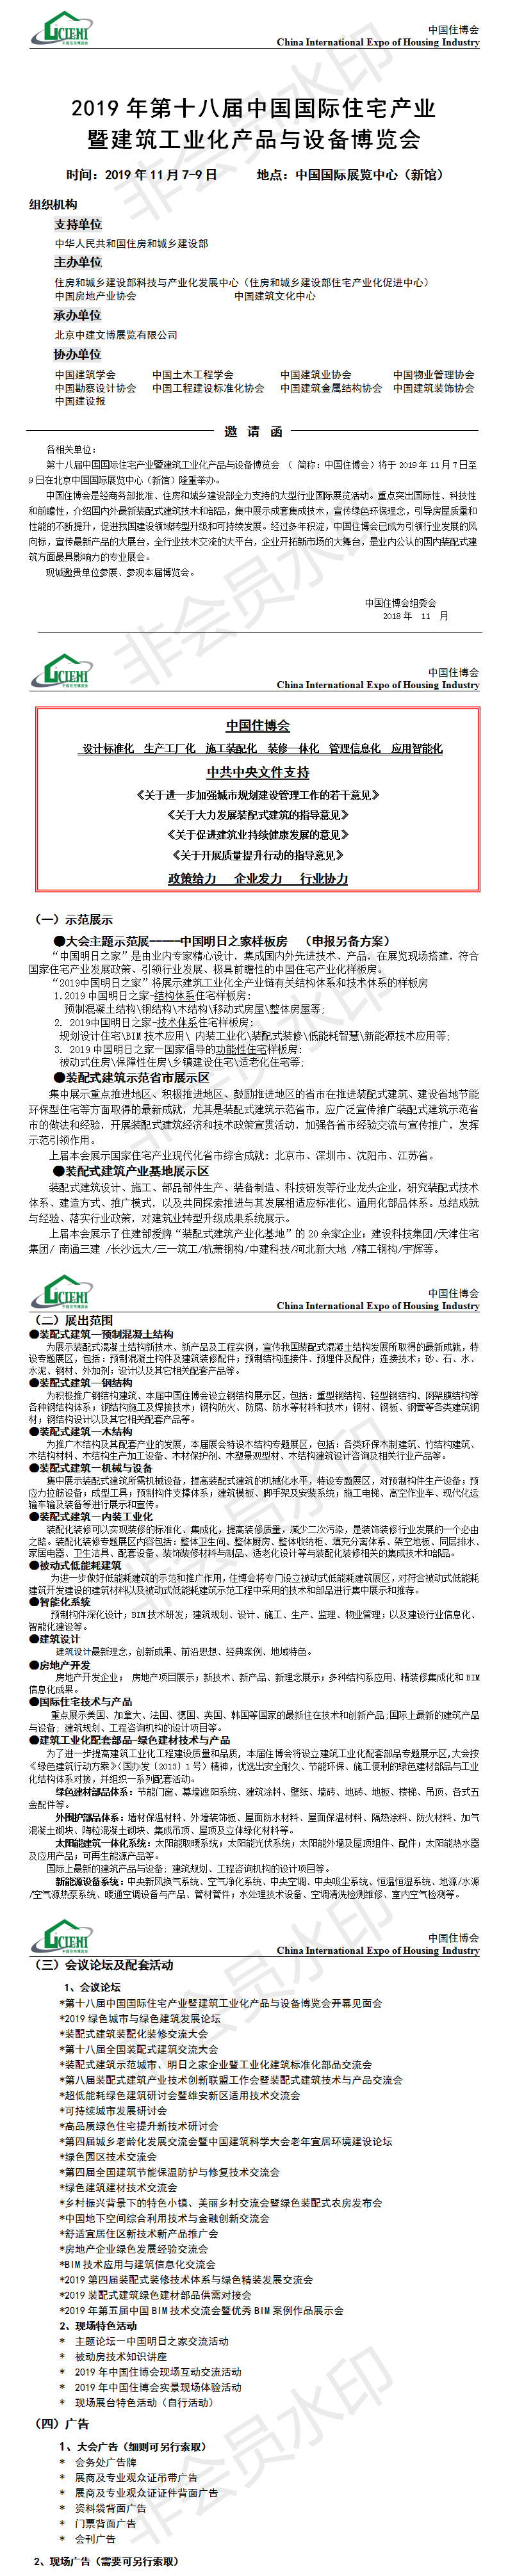 2019北京第十八届中国国际住宅产业暨建筑工业化产品与设备博览会-中国住博会中文邀请函.png